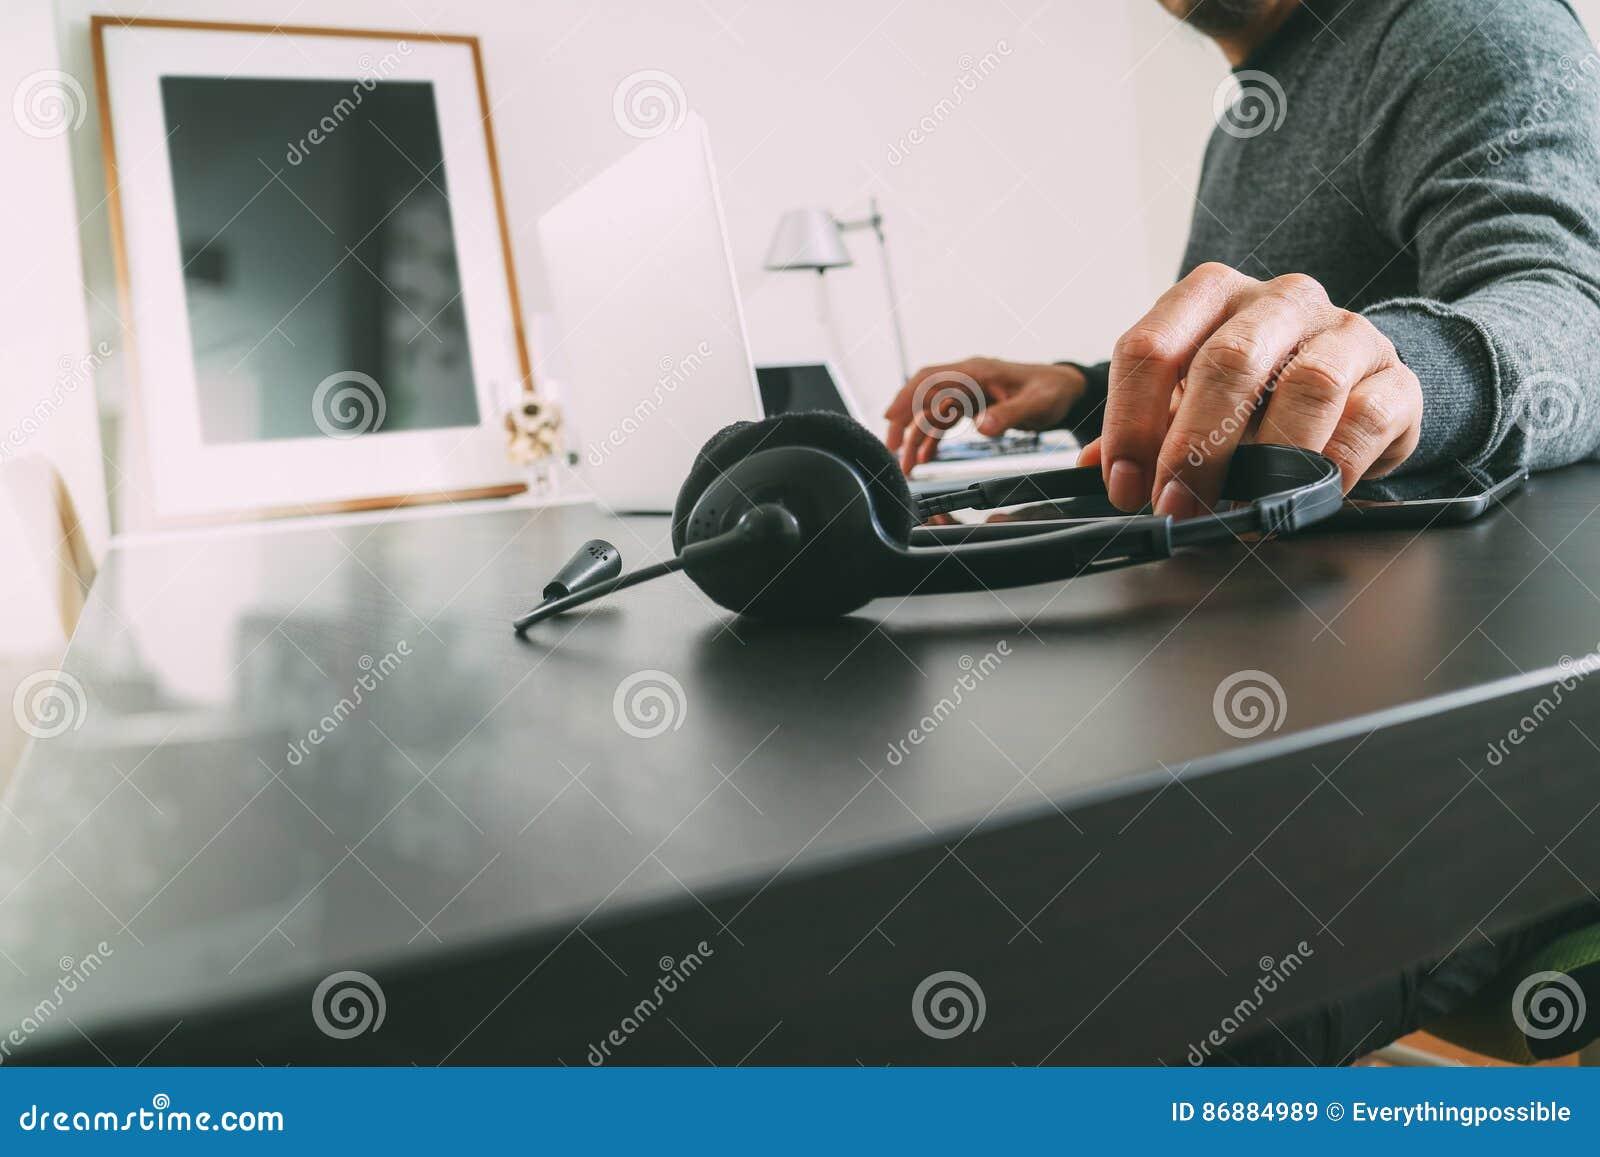 equipe usando auriculares de voip com o computador do latop na mesa